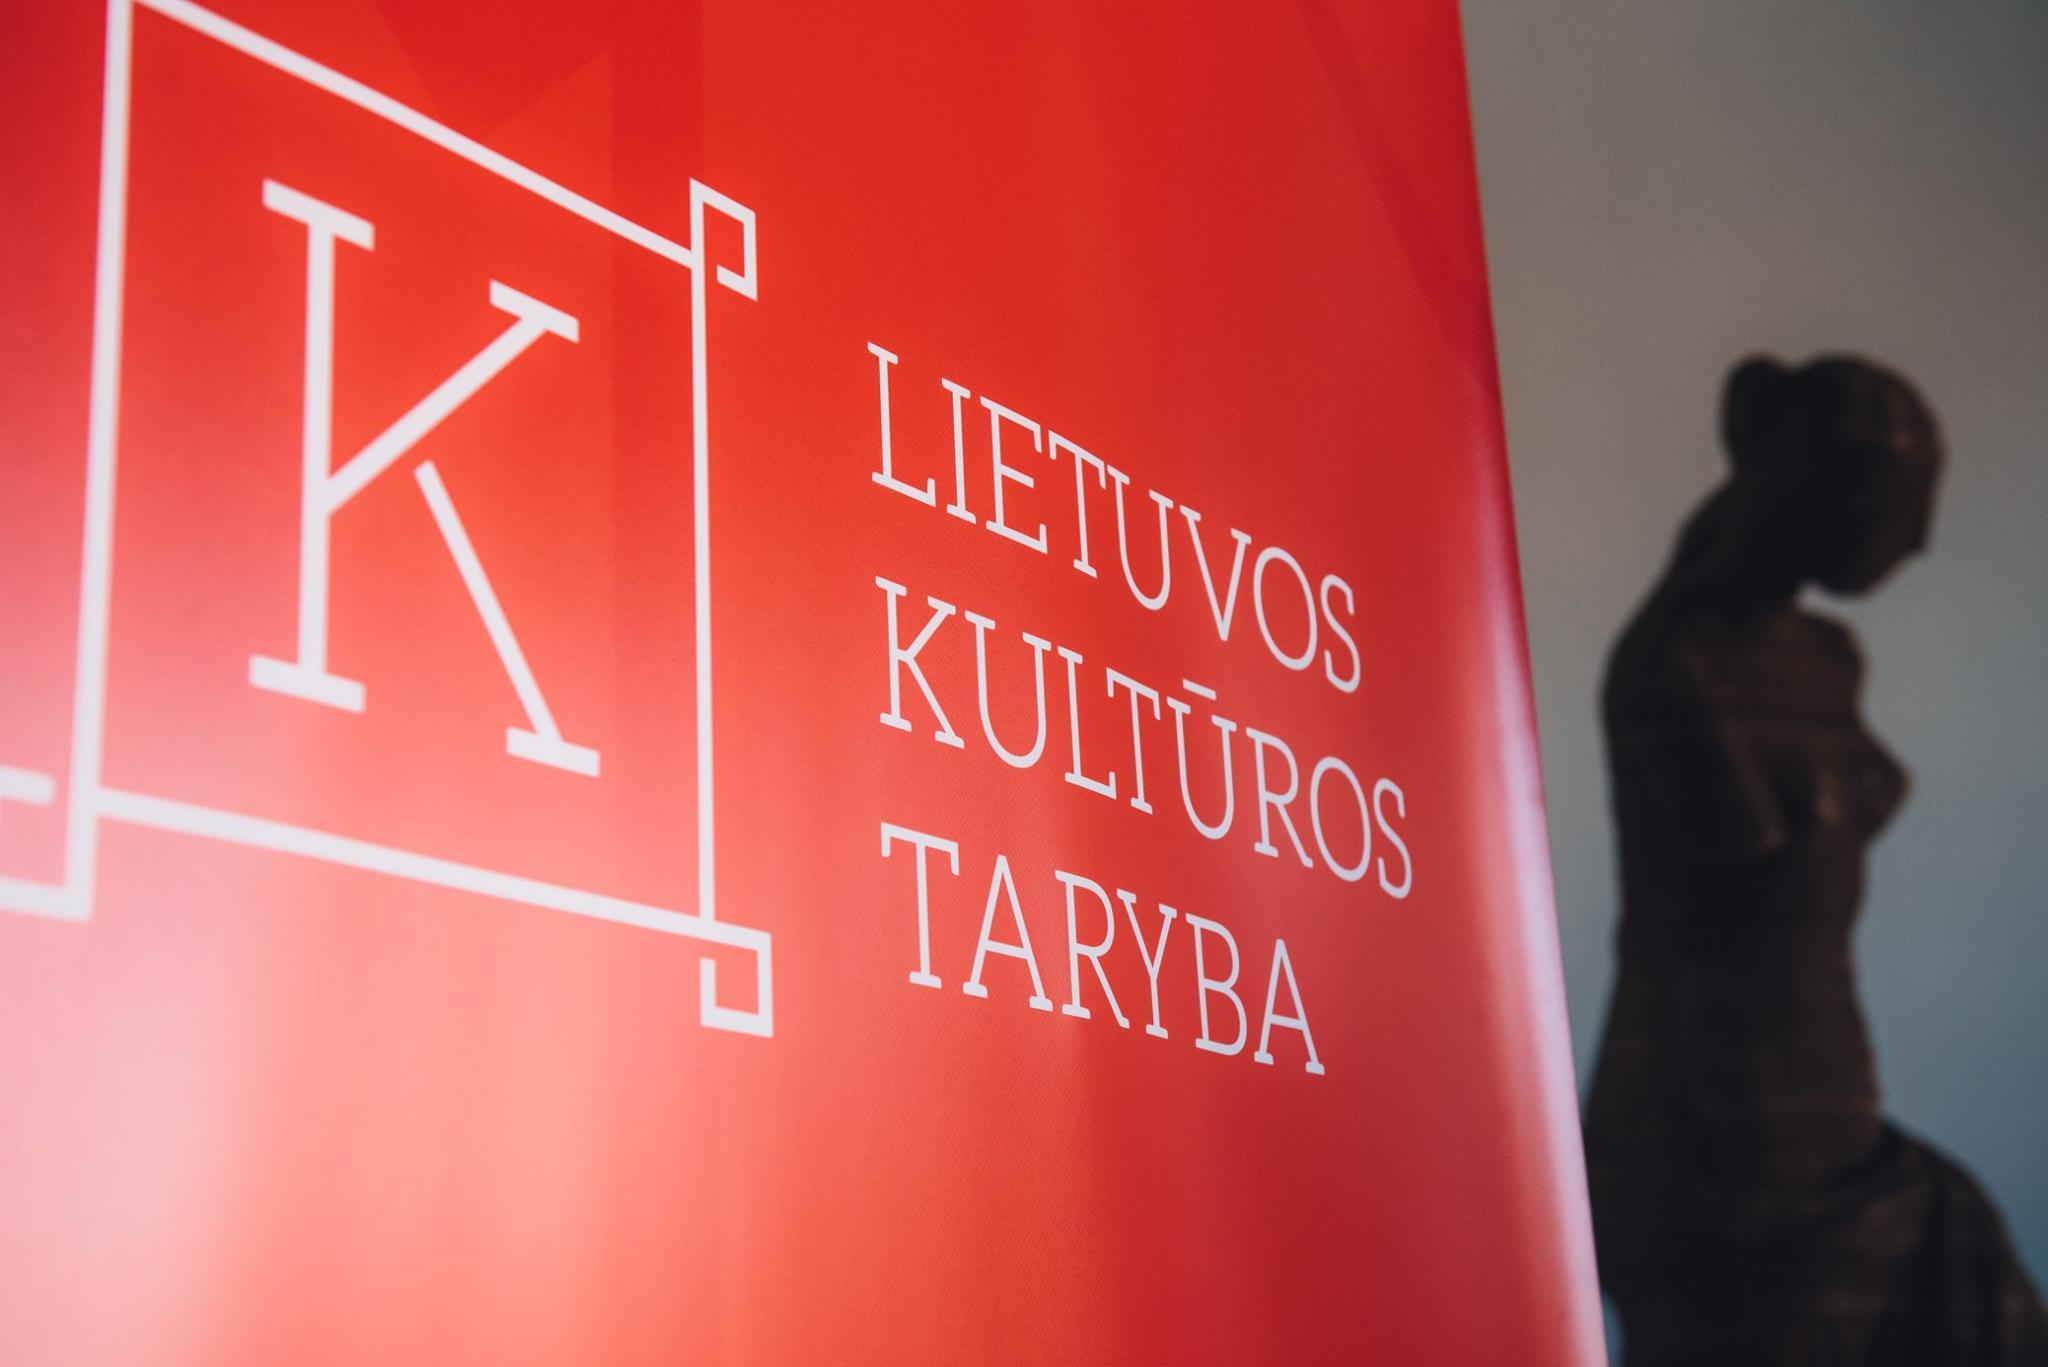 Vėl bus atliekamas plataus masto tyrimas apie lietuvių dalyvavimą kultūroje